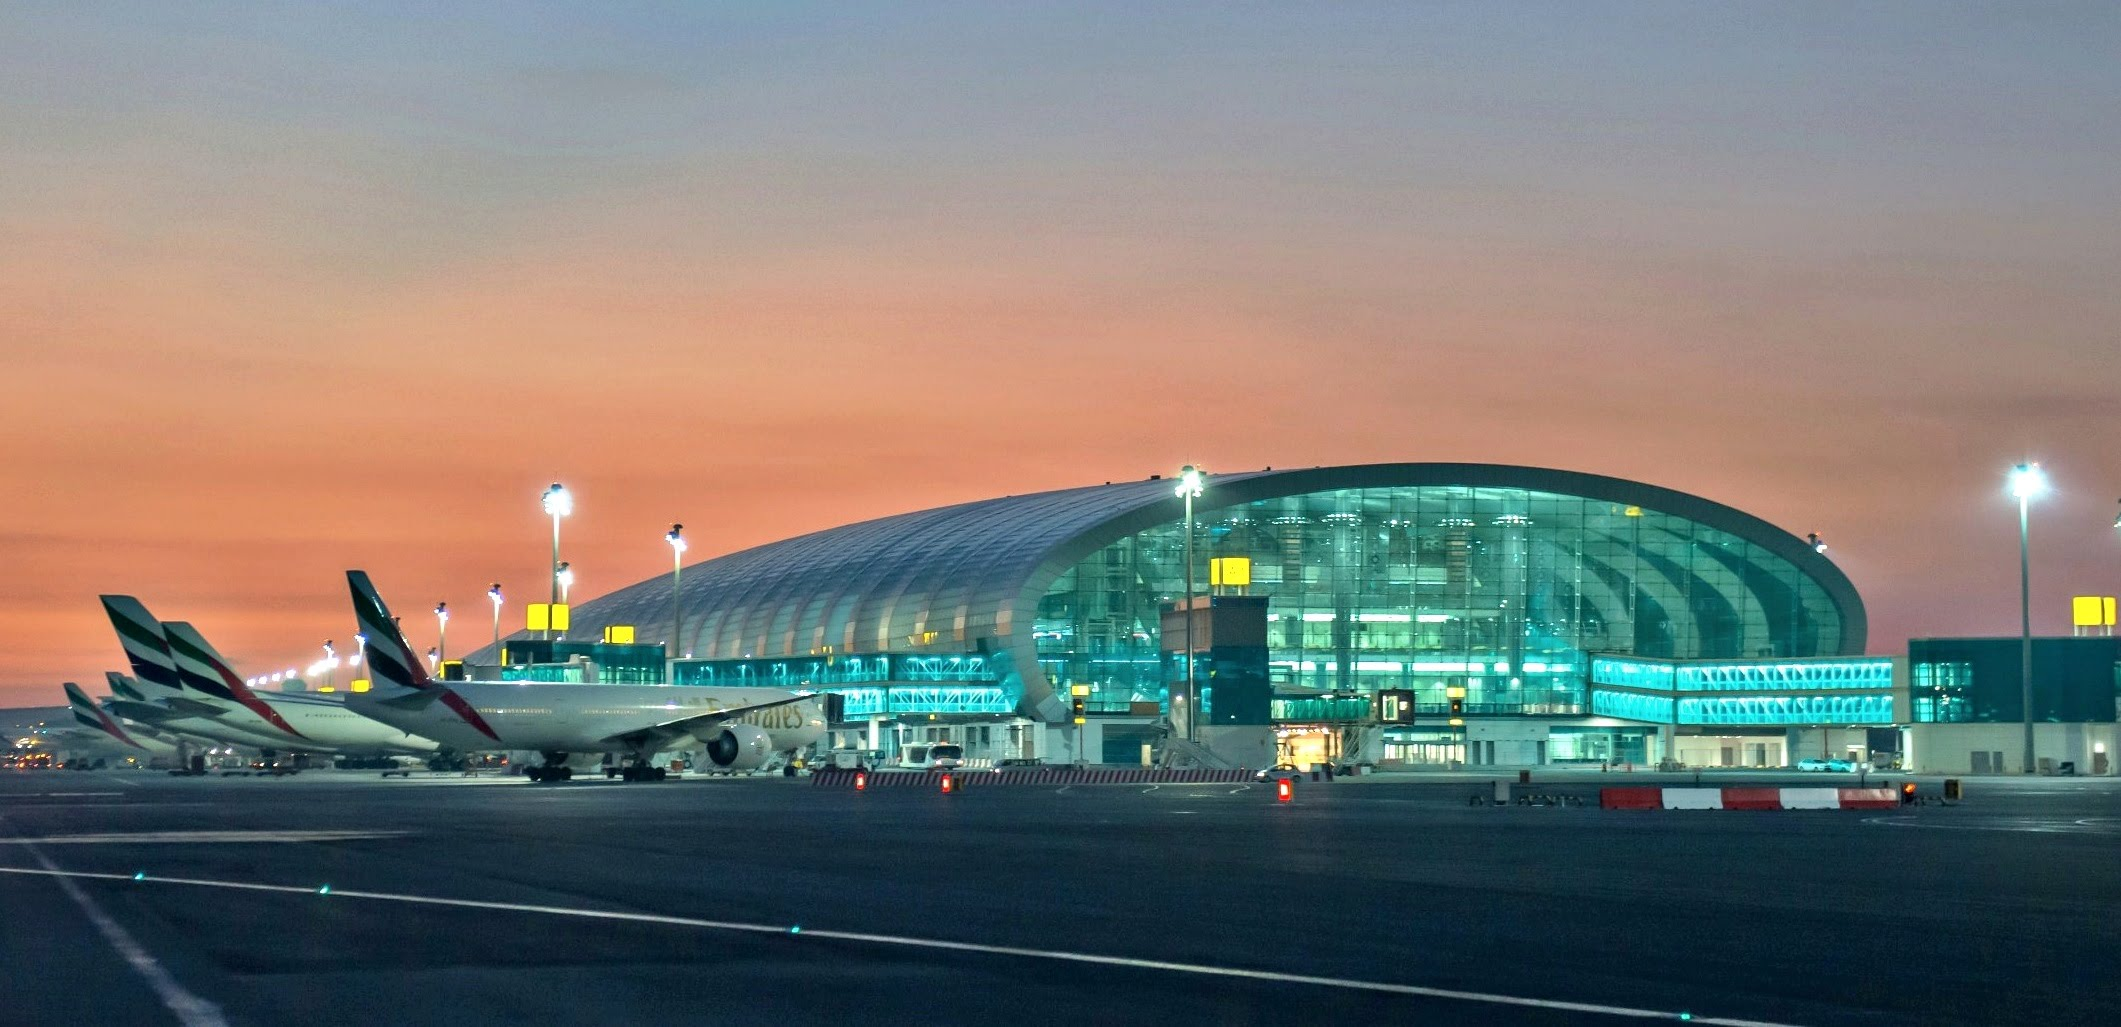 7 fatos sobre os aeroportos que provam que eles te conhecem mais do que você imagina